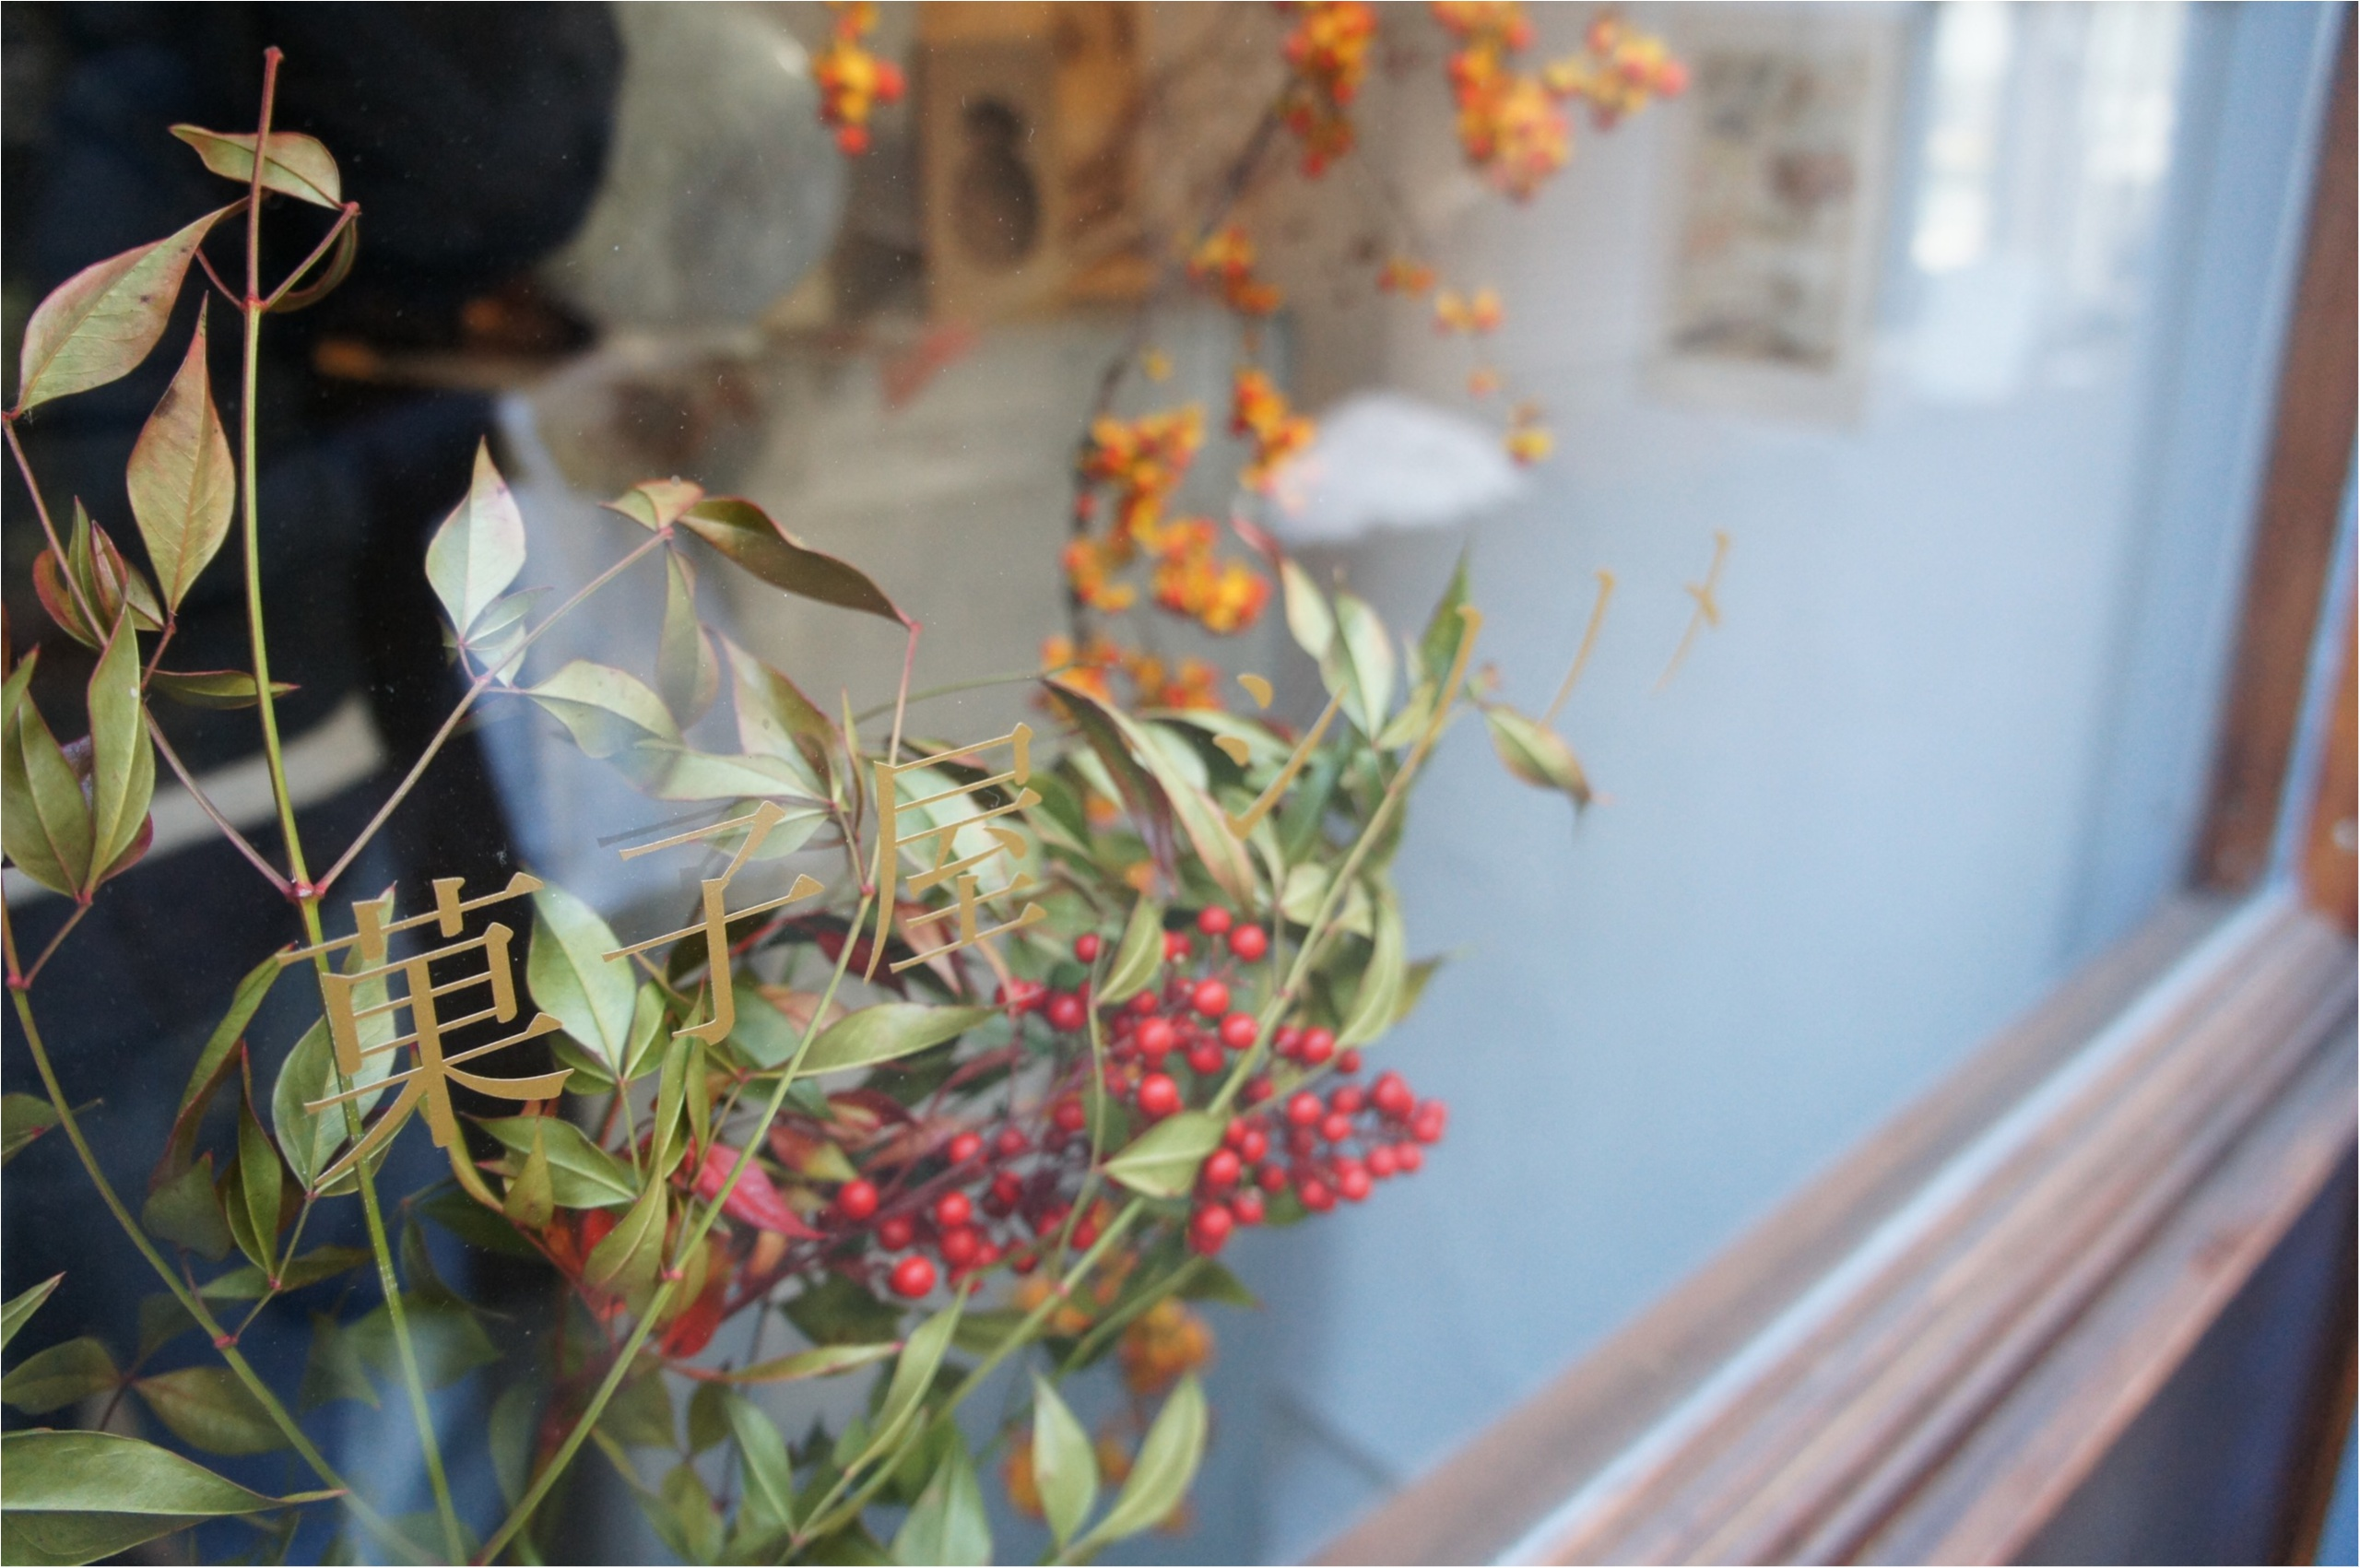 《ご当地MORE★東京》最近気になるお店がいっぱいの【蔵前】エリア!土日だけOpenしている〝シノノメ〟でツウな手土産スイーツをgetしました❤️_2